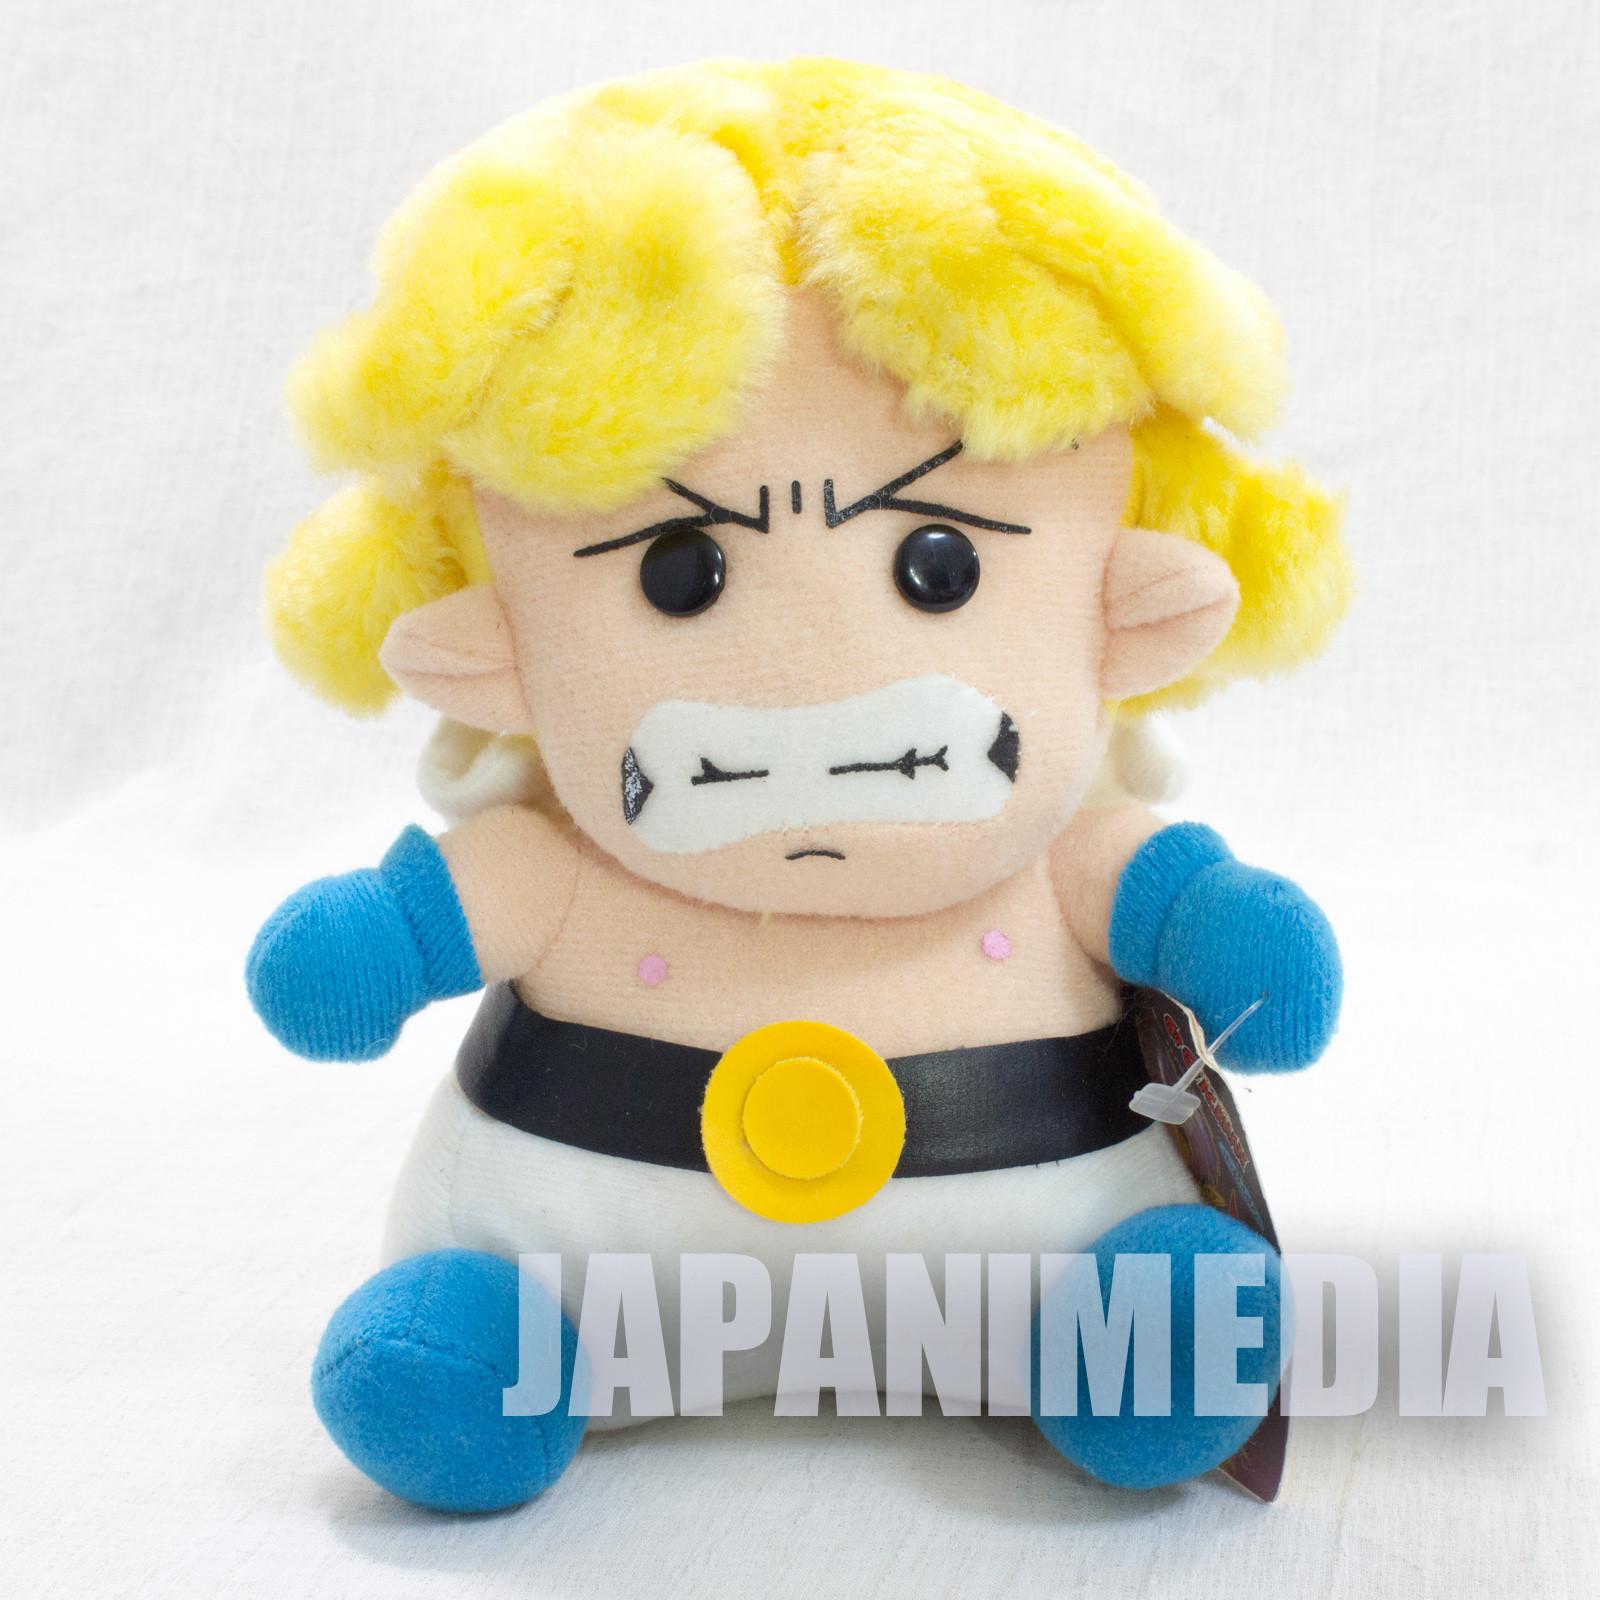 Go! Go! Ackman TENSHI-KUN Plush Doll V-JUMP Toriyama Akira JAPAN ANIME MANGA